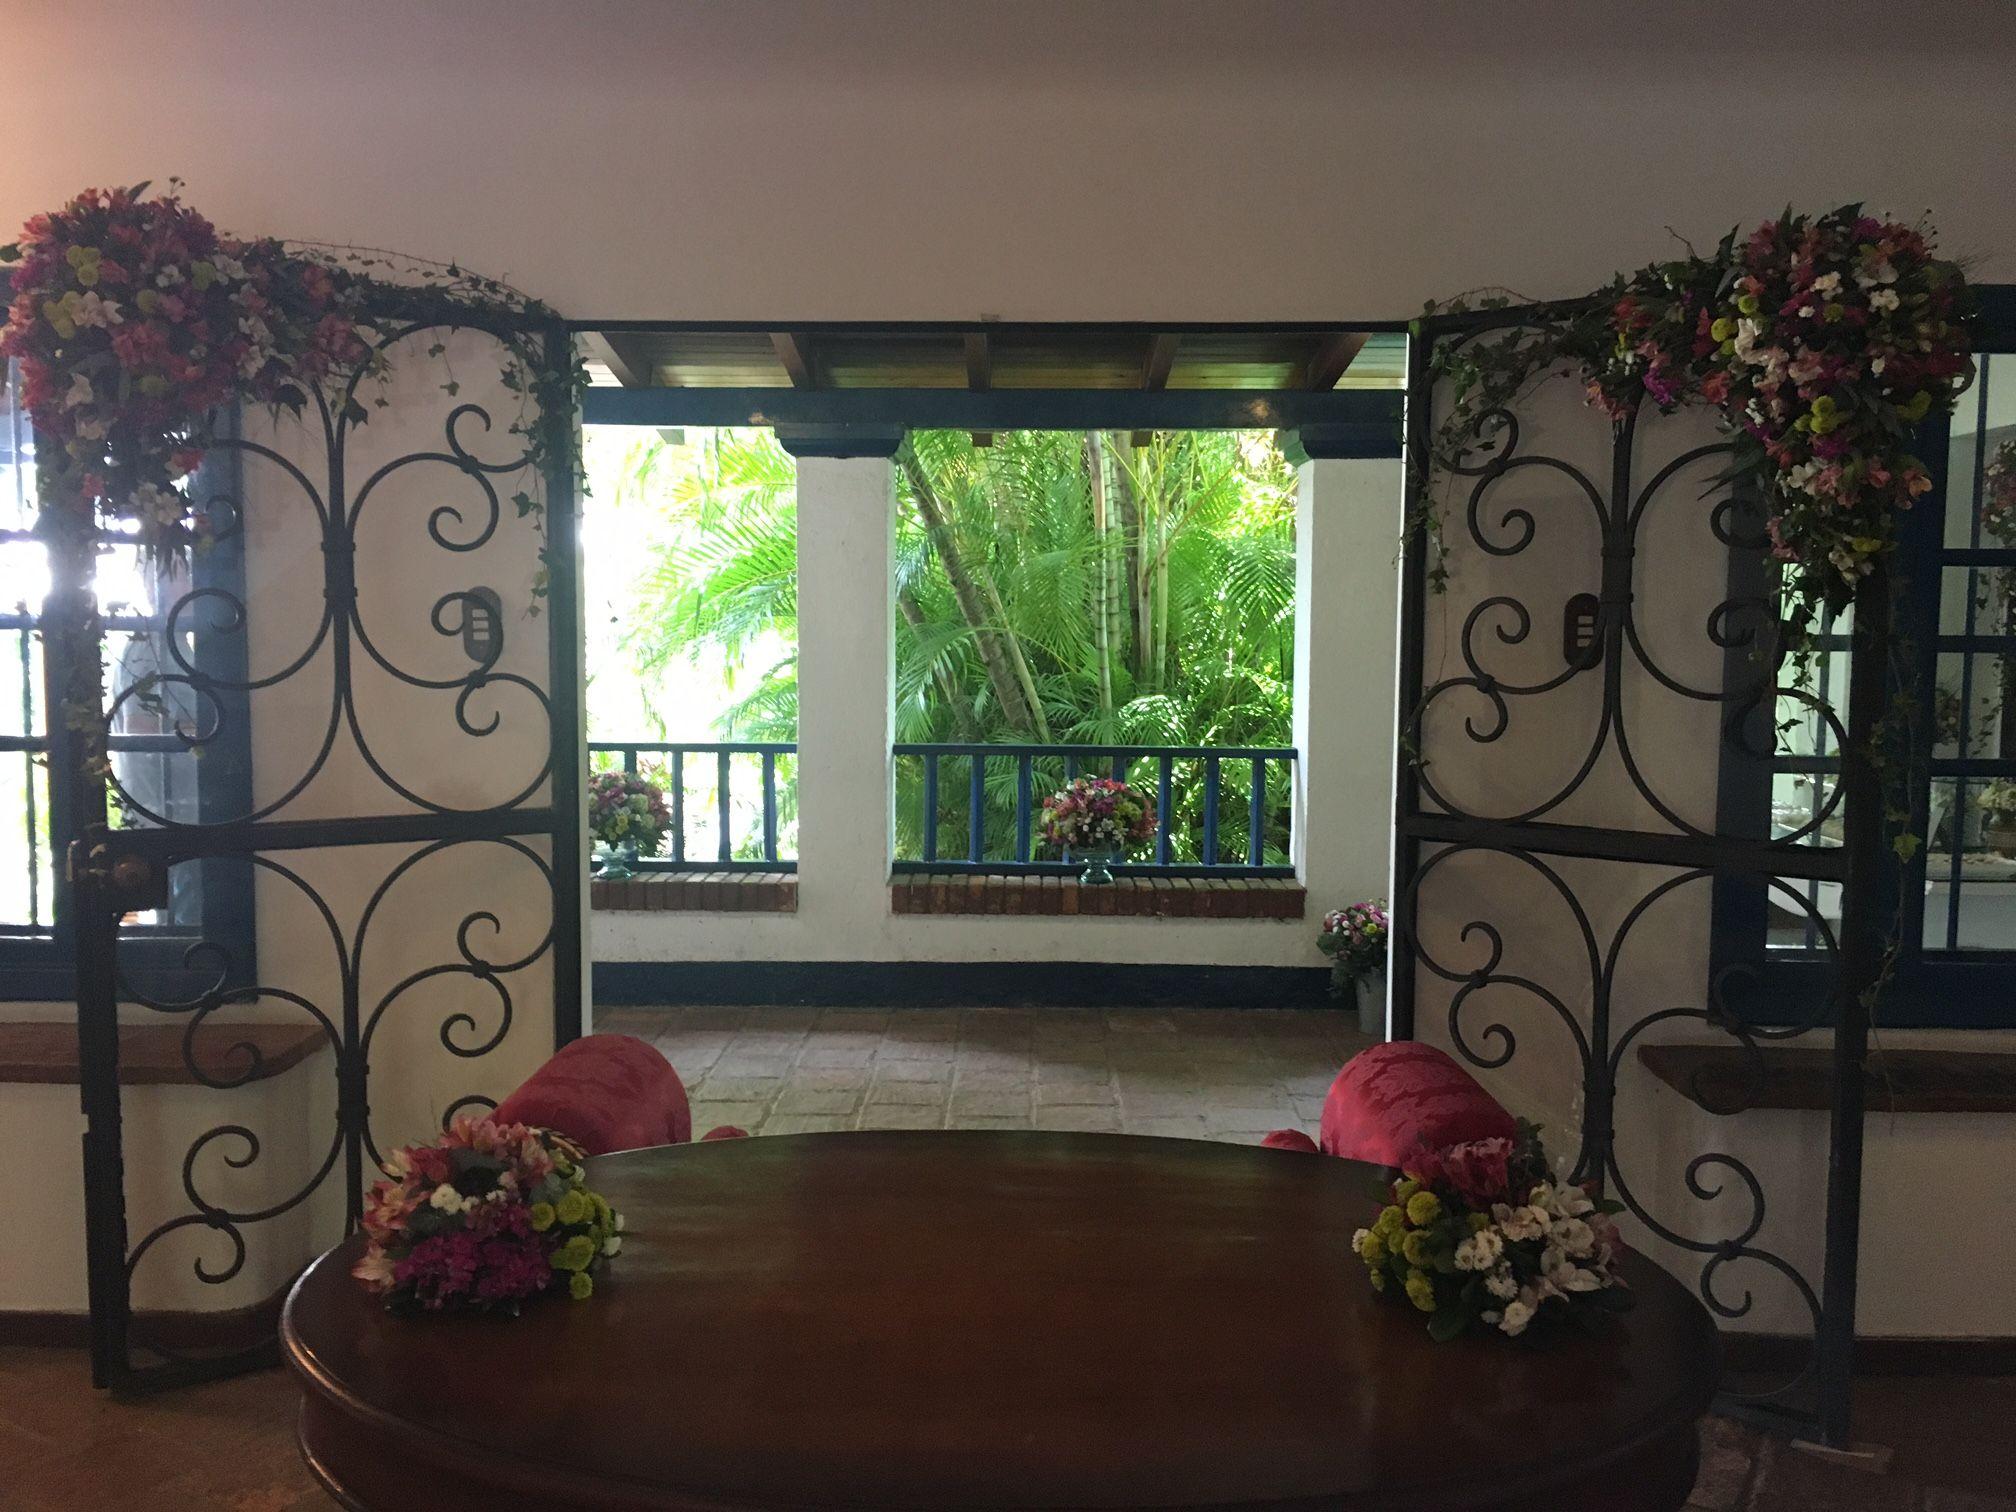 Solo faltas tu y tu novio. Hermosos detalles florales  en la mesa de la ceremonia civil. Las puertas se decoraron con flores fucsias, verdes y blancas y eucaliptos y hiedras,